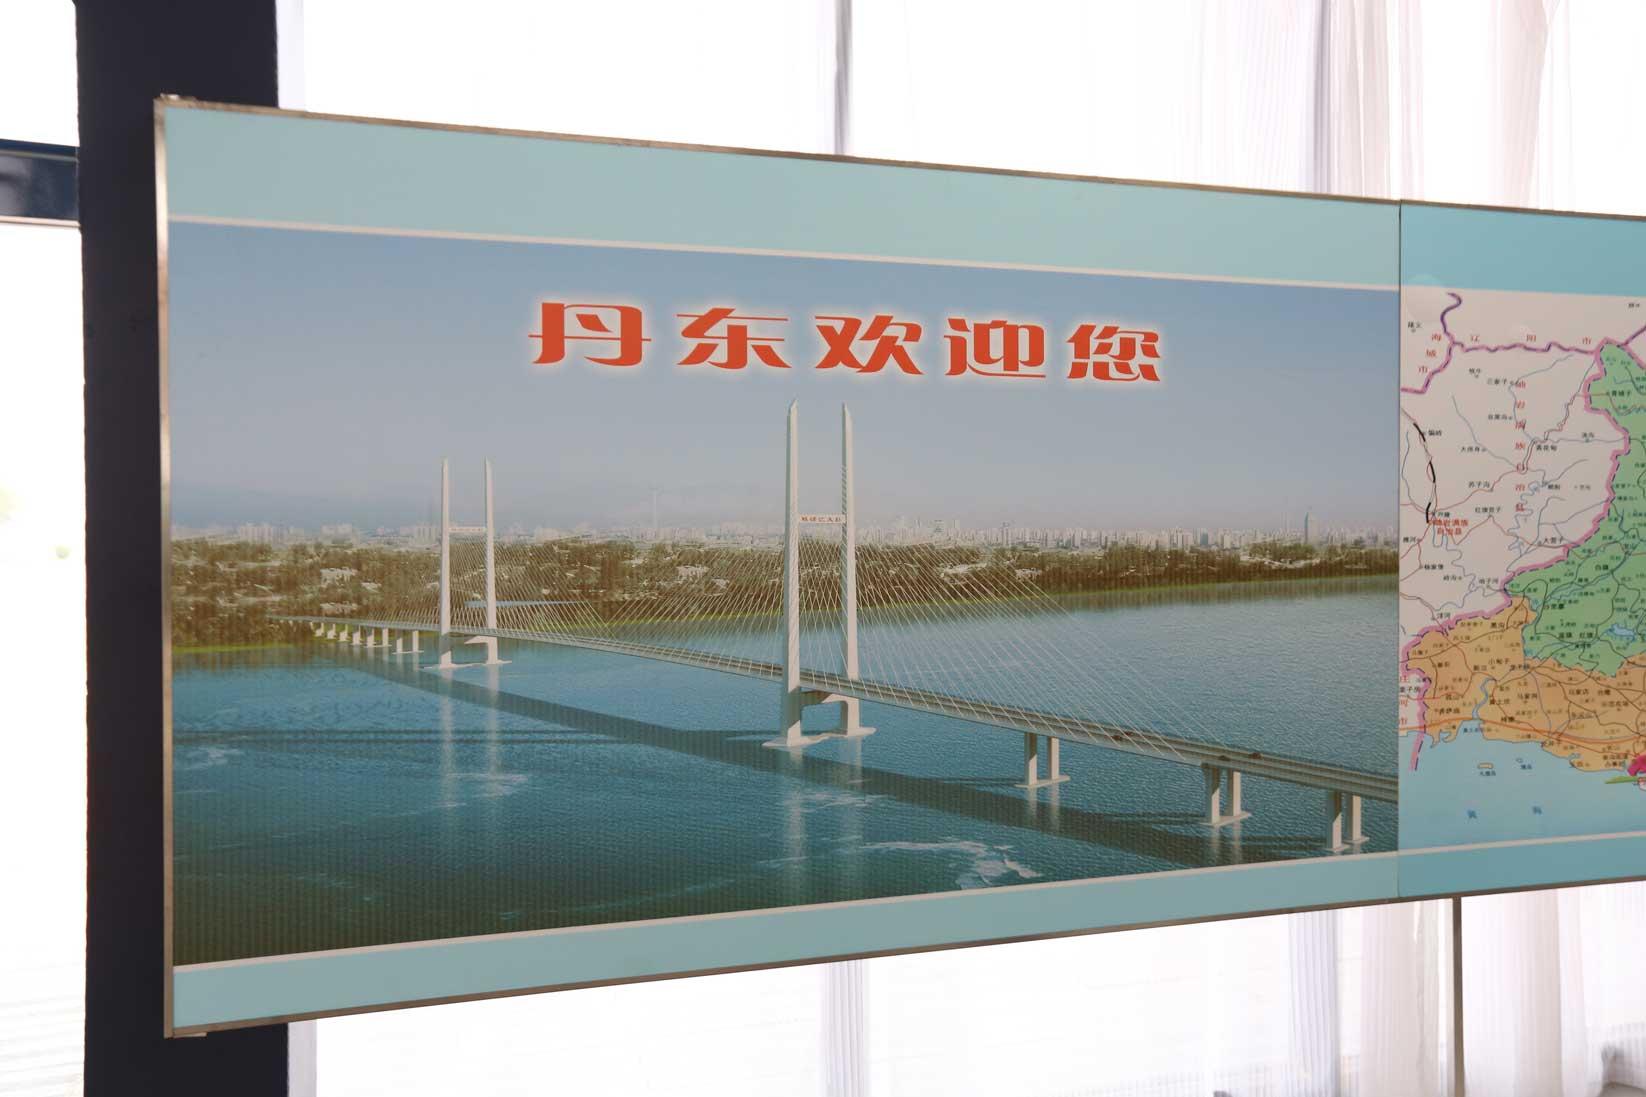 中国の地方開発はどこでもこんな感じです(まちづくりの観念は欠落。不動産販売が優先)_b0235153_17405432.jpg